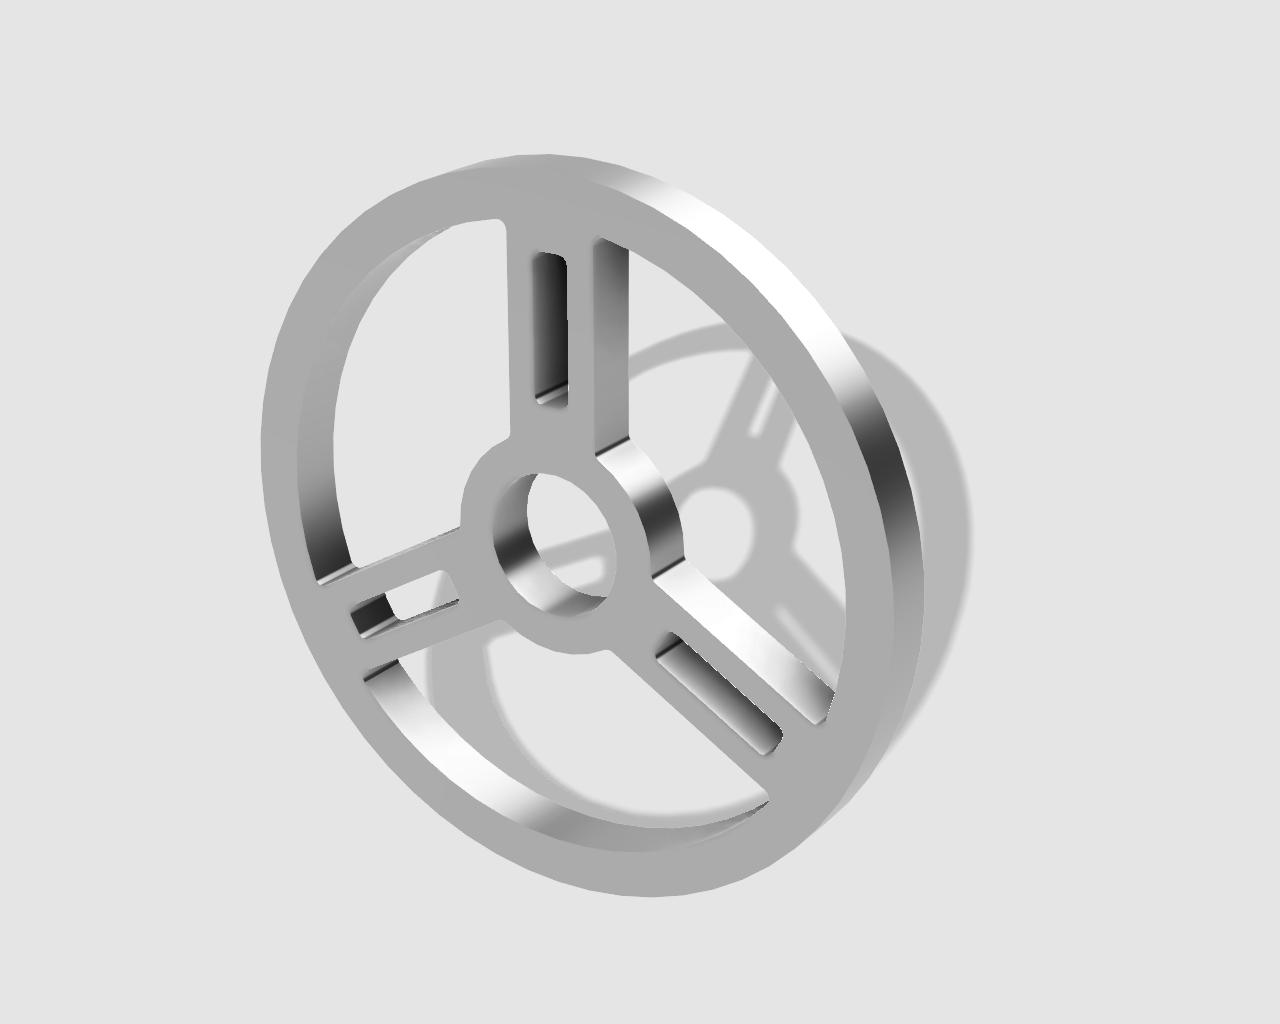 45rpm adaptor - steering wheel